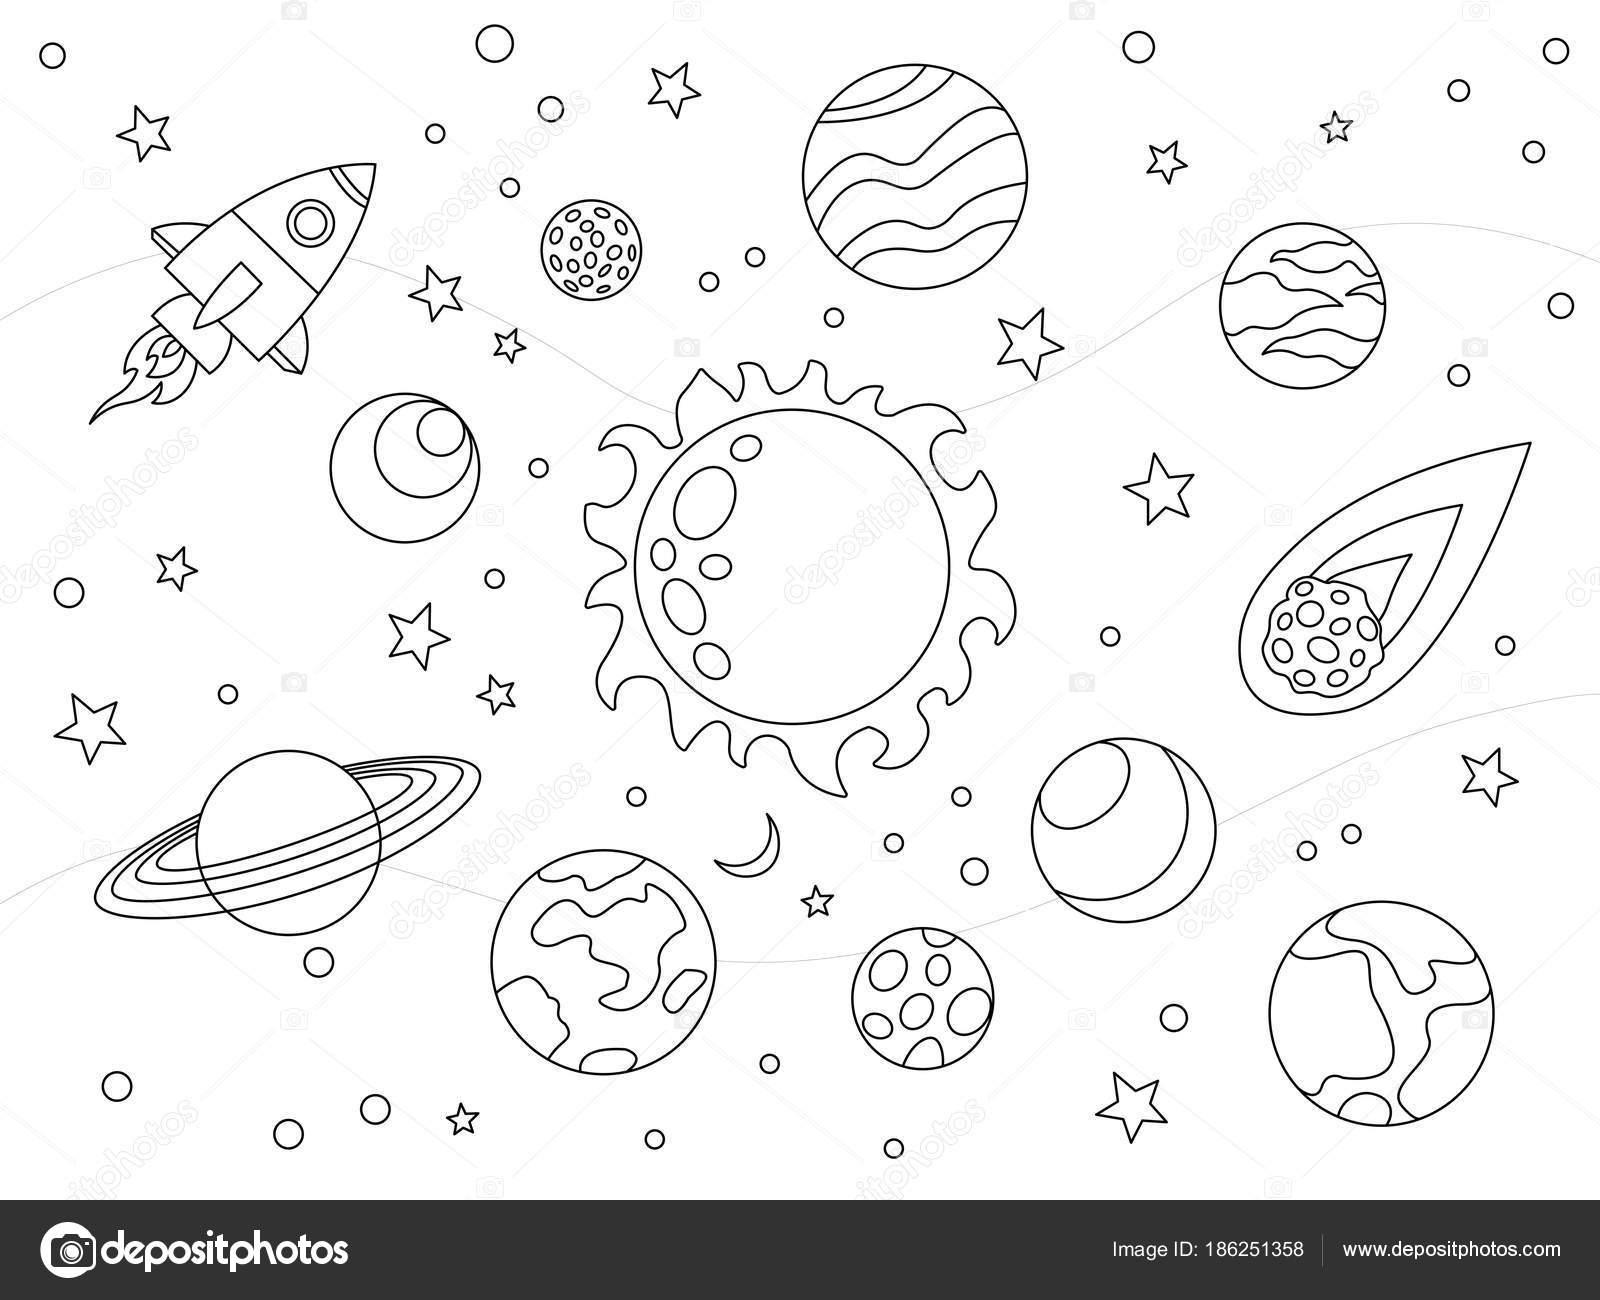 Niños de dibujos animados para colorear ilustración vectorial